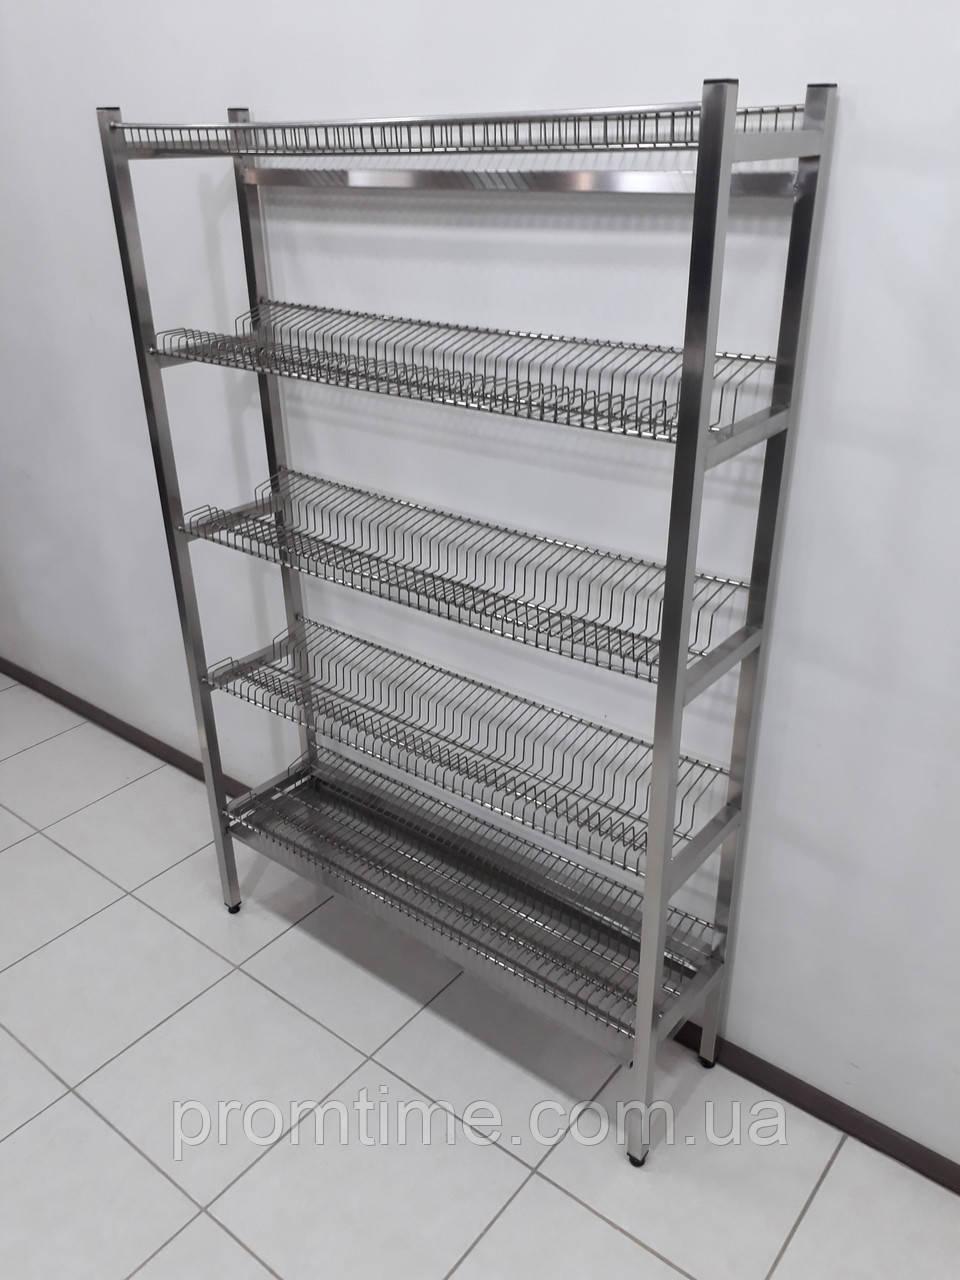 Стеллаж для сушки посуды 1200х320х1800